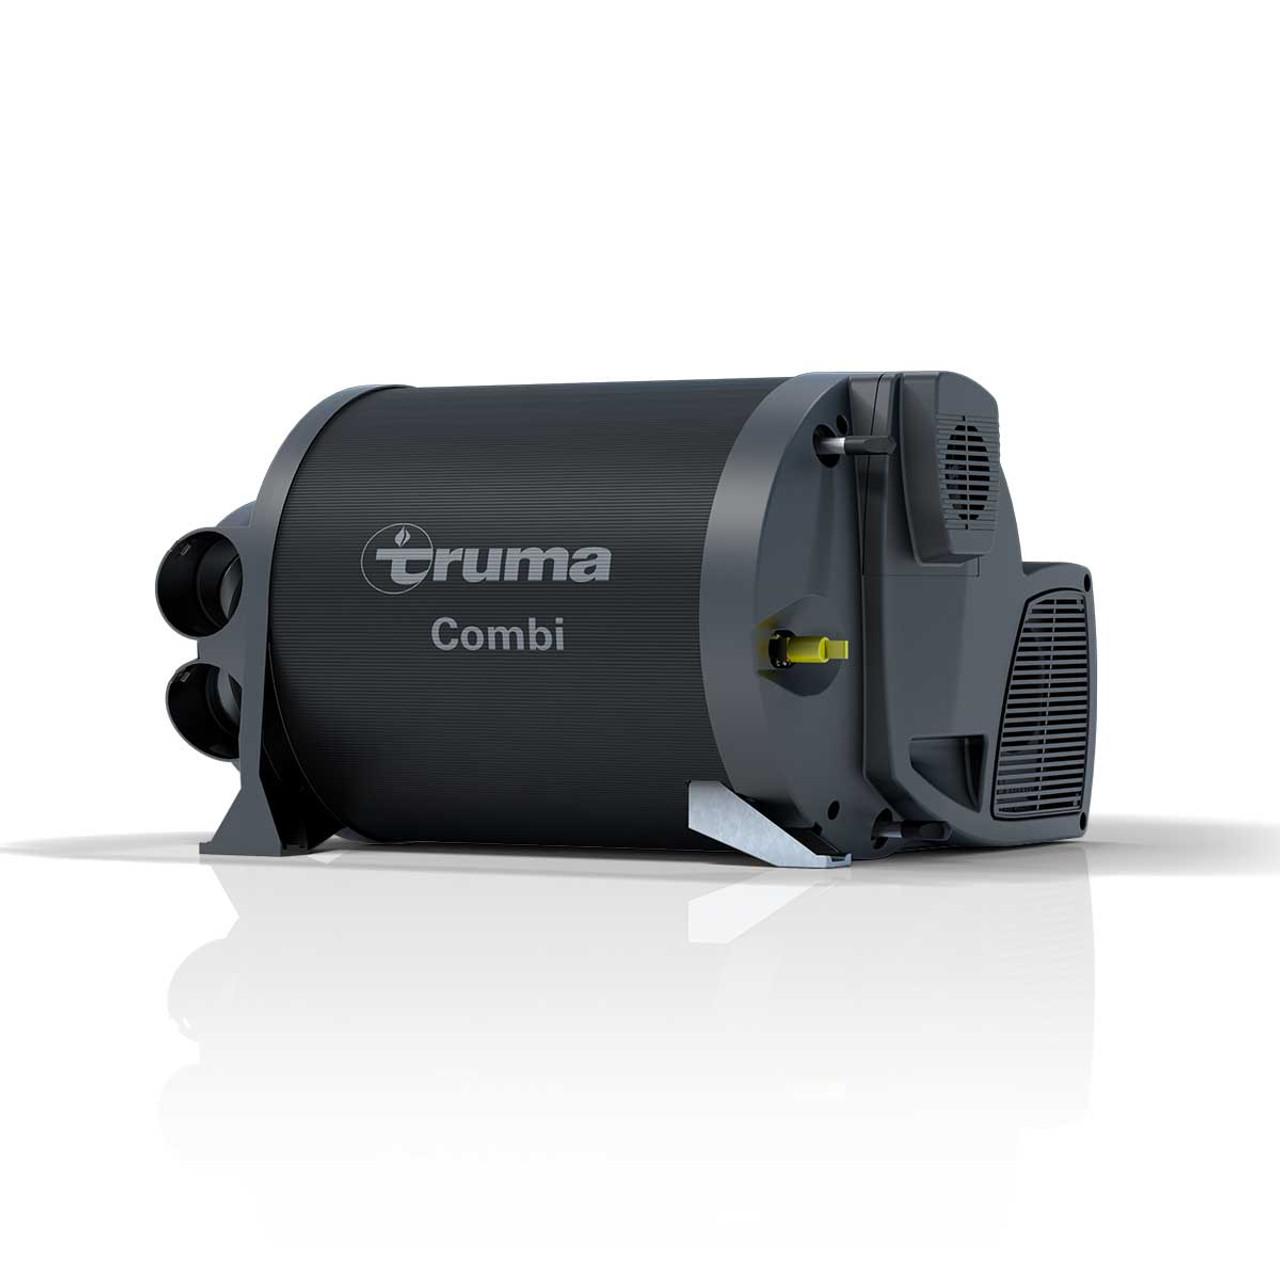 The Truma Combi 6E